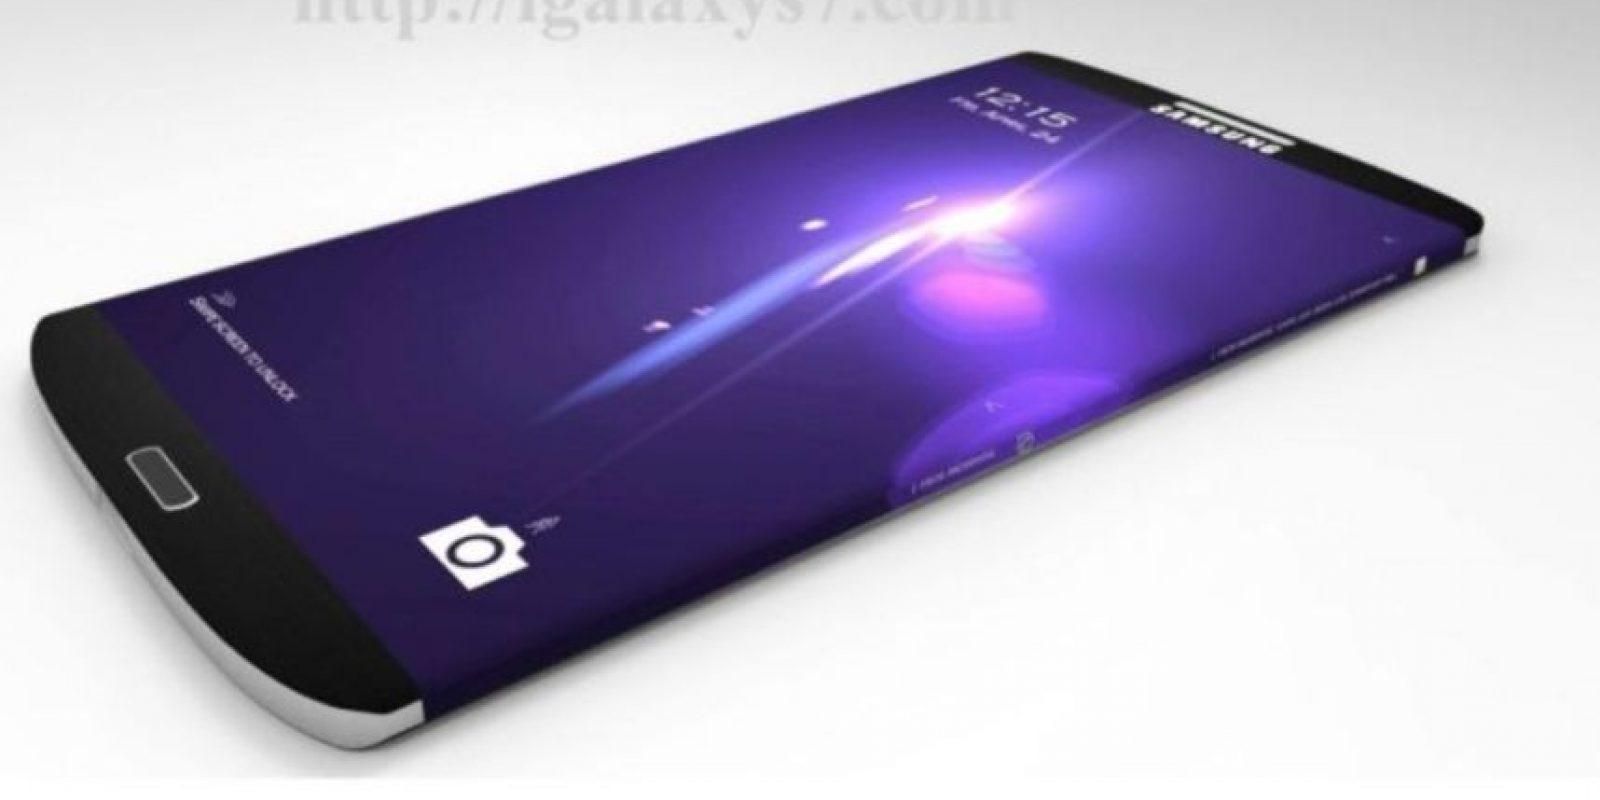 Conceptos del posible Samsung Galaxy S7 Foto:vía Tumblr.com